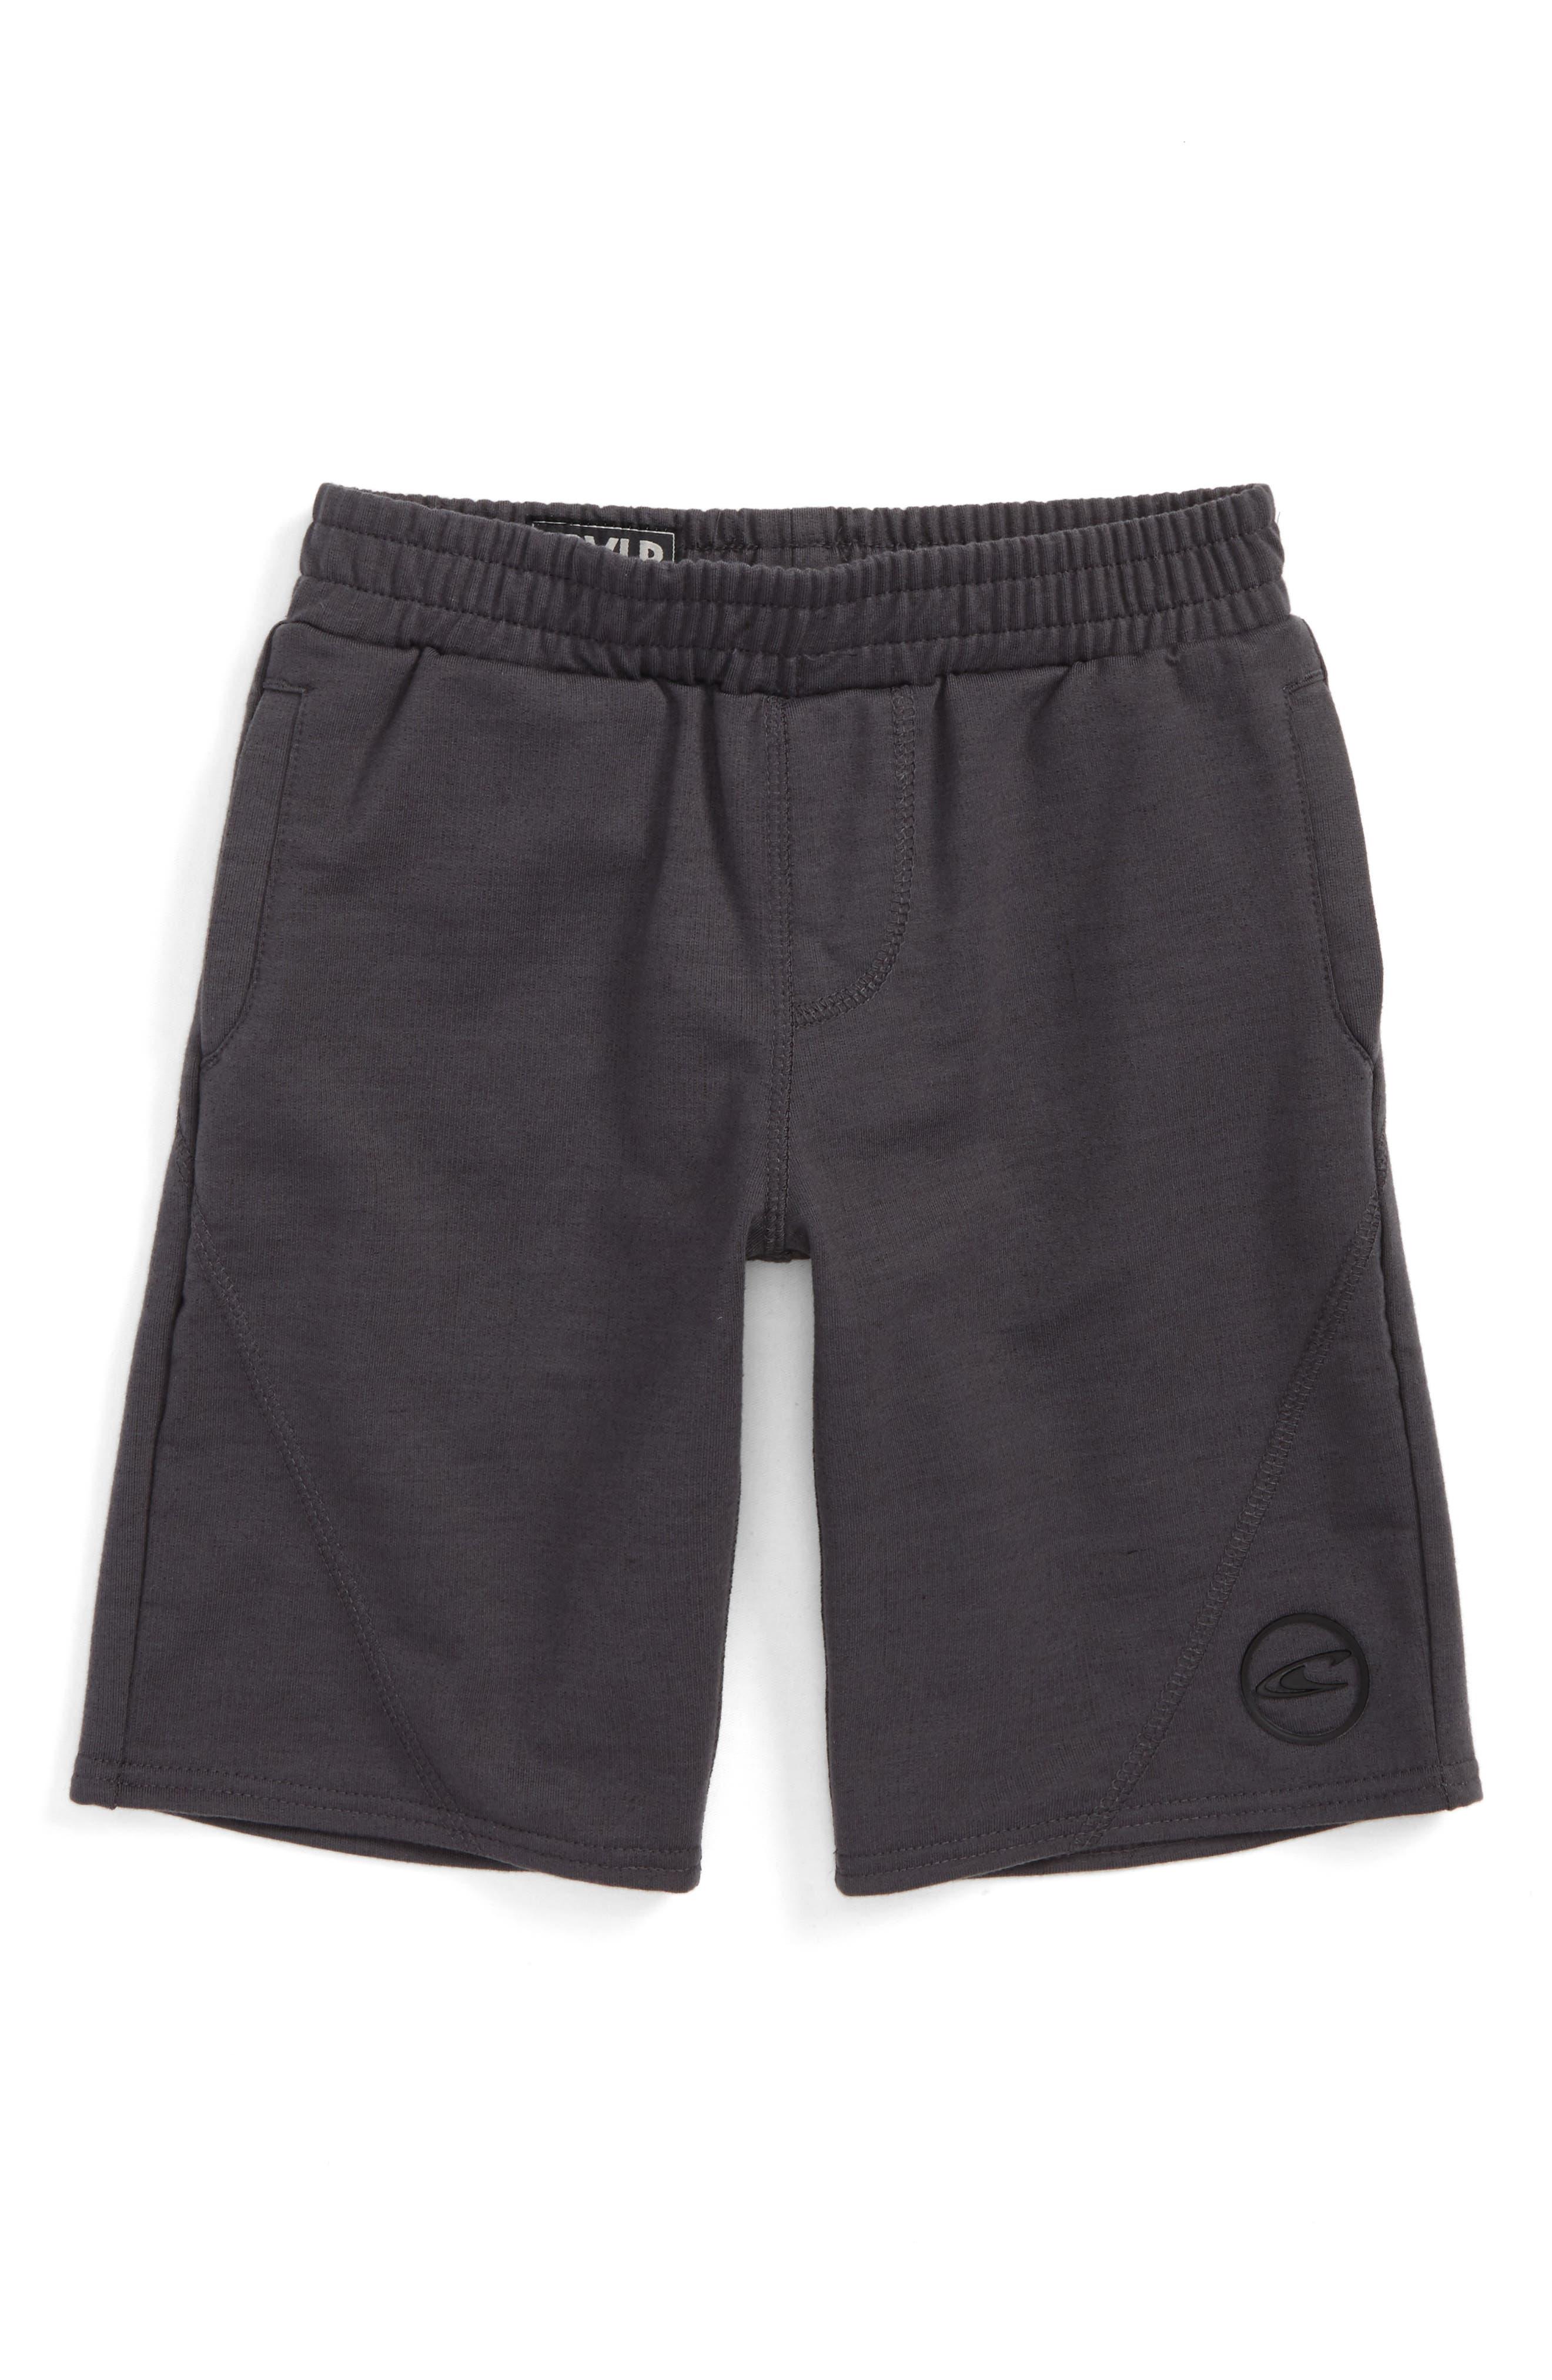 Alternate Image 1 Selected - O'Neill Traveler Knit Shorts (Little Boys)